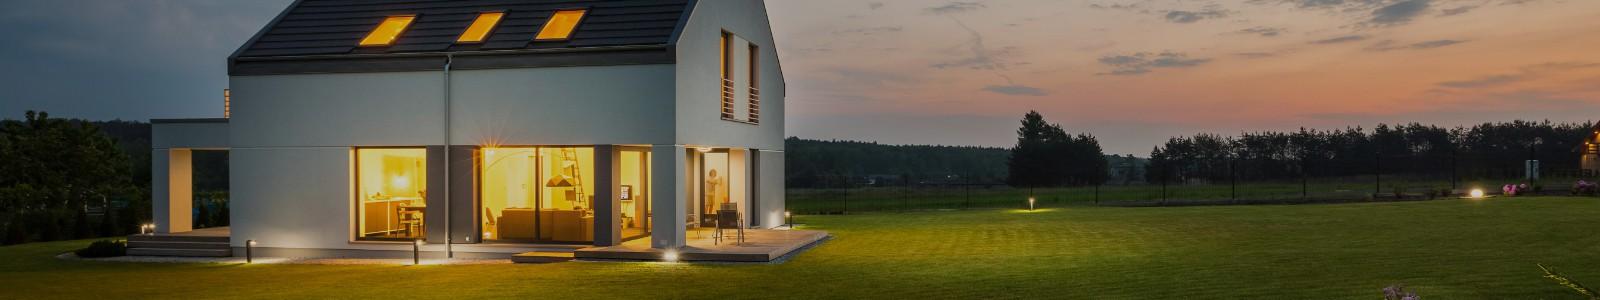 Projekty Domów z Sauną | Luksus i Design